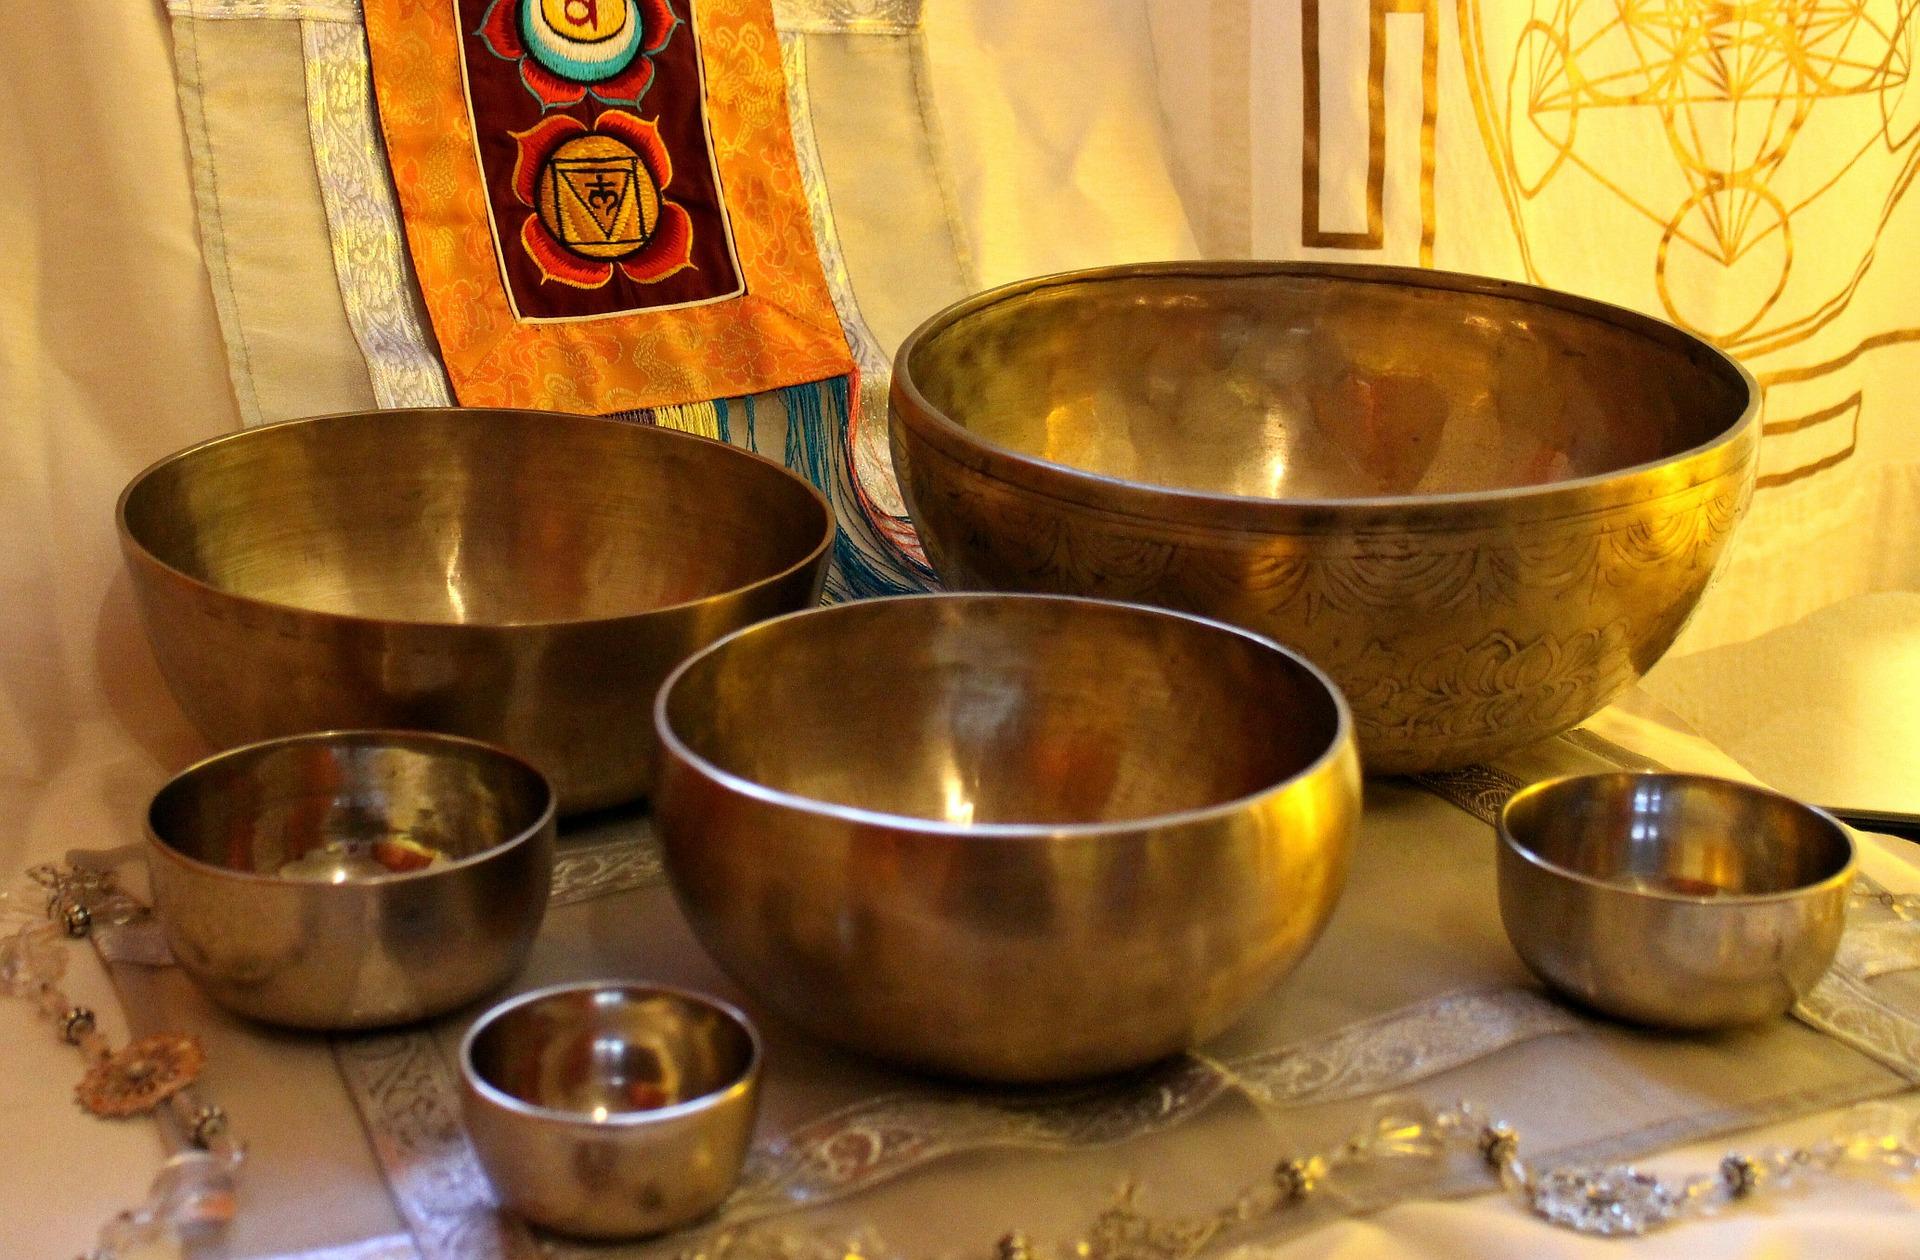 singing-bowl-233991_1920